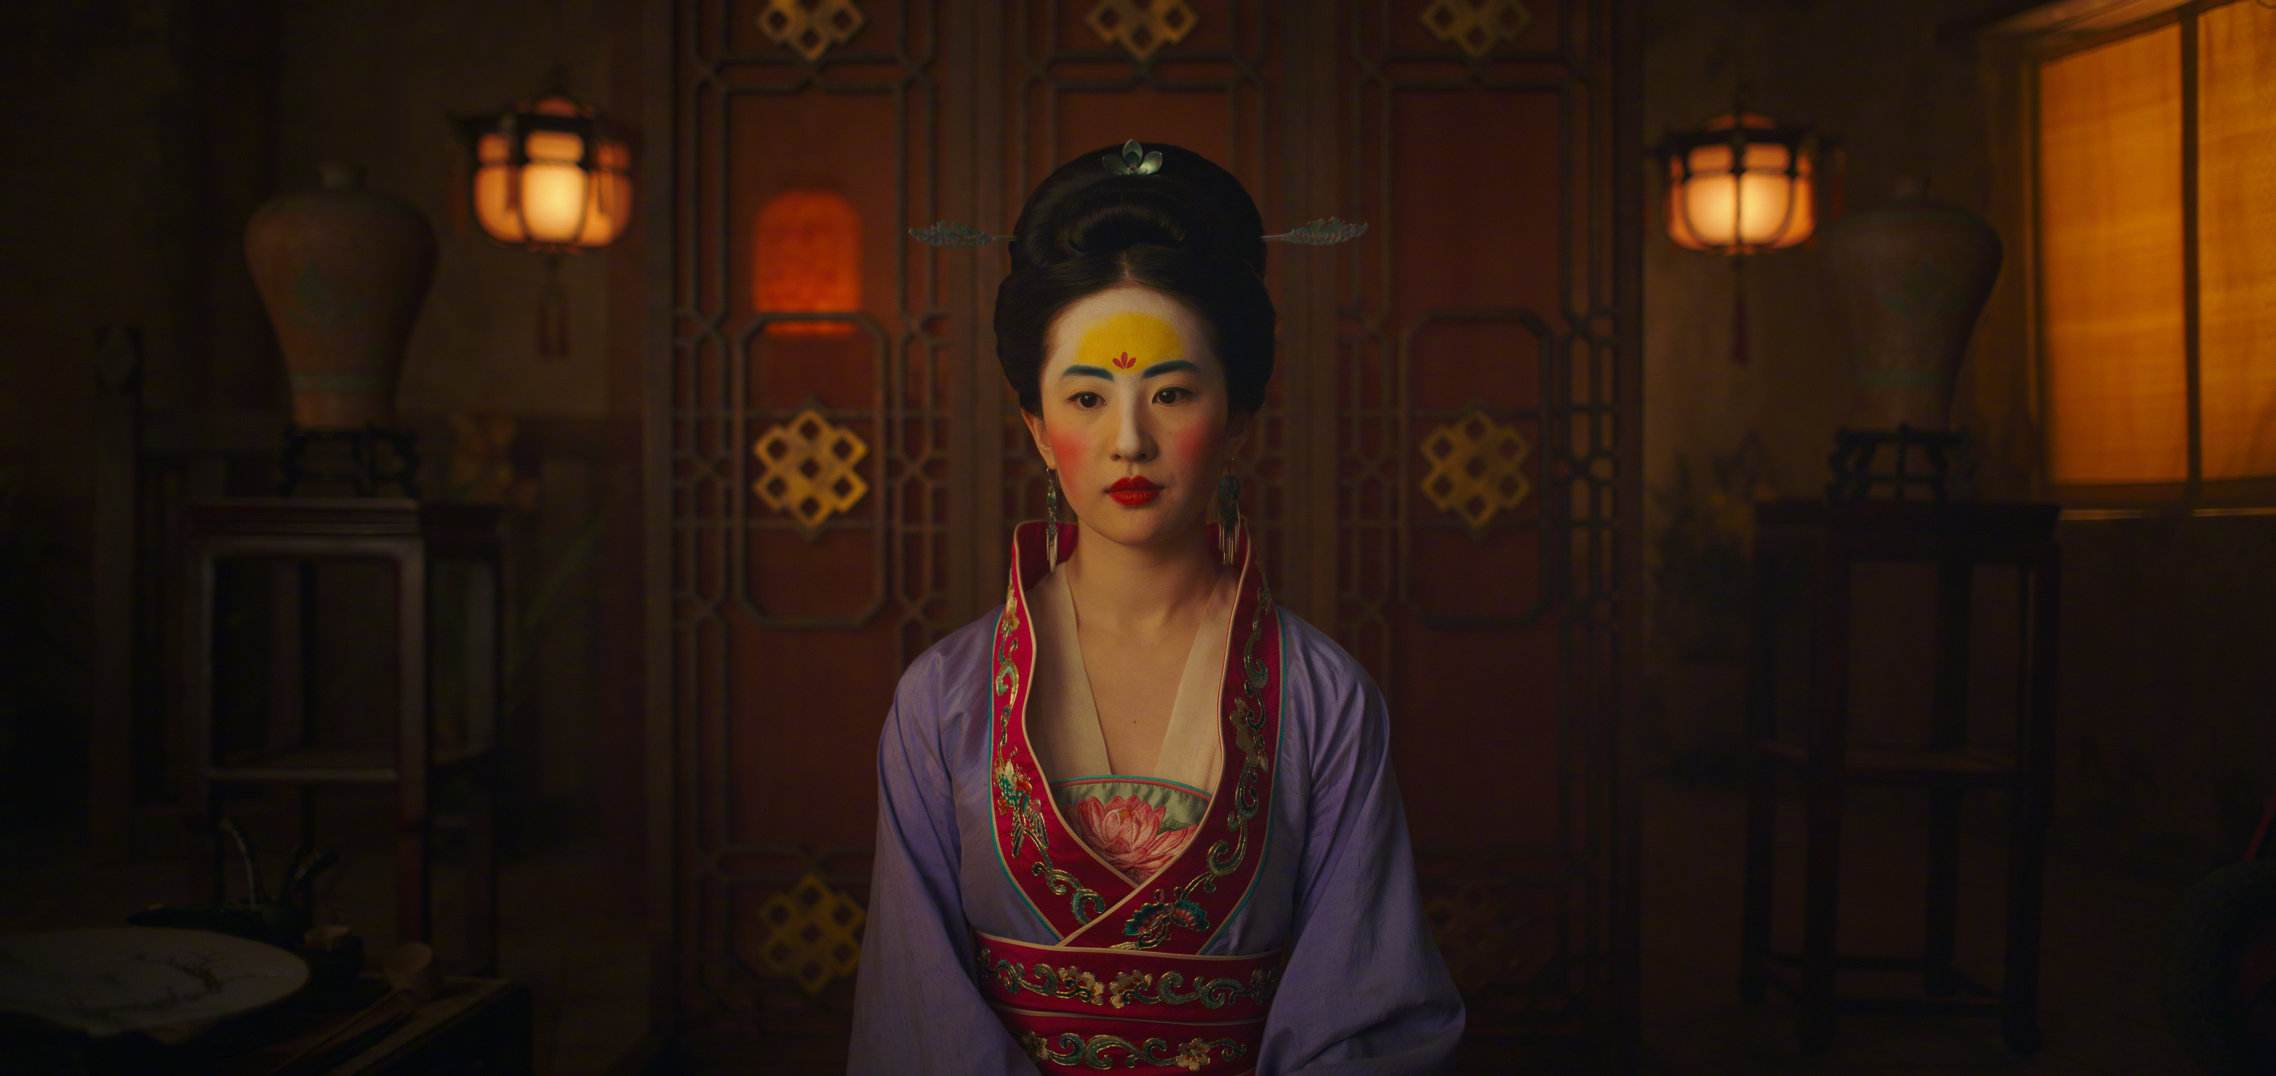 """花木兰电影预告片中刘亦菲妆容引热议 妆容实为古代""""额黄妆"""""""